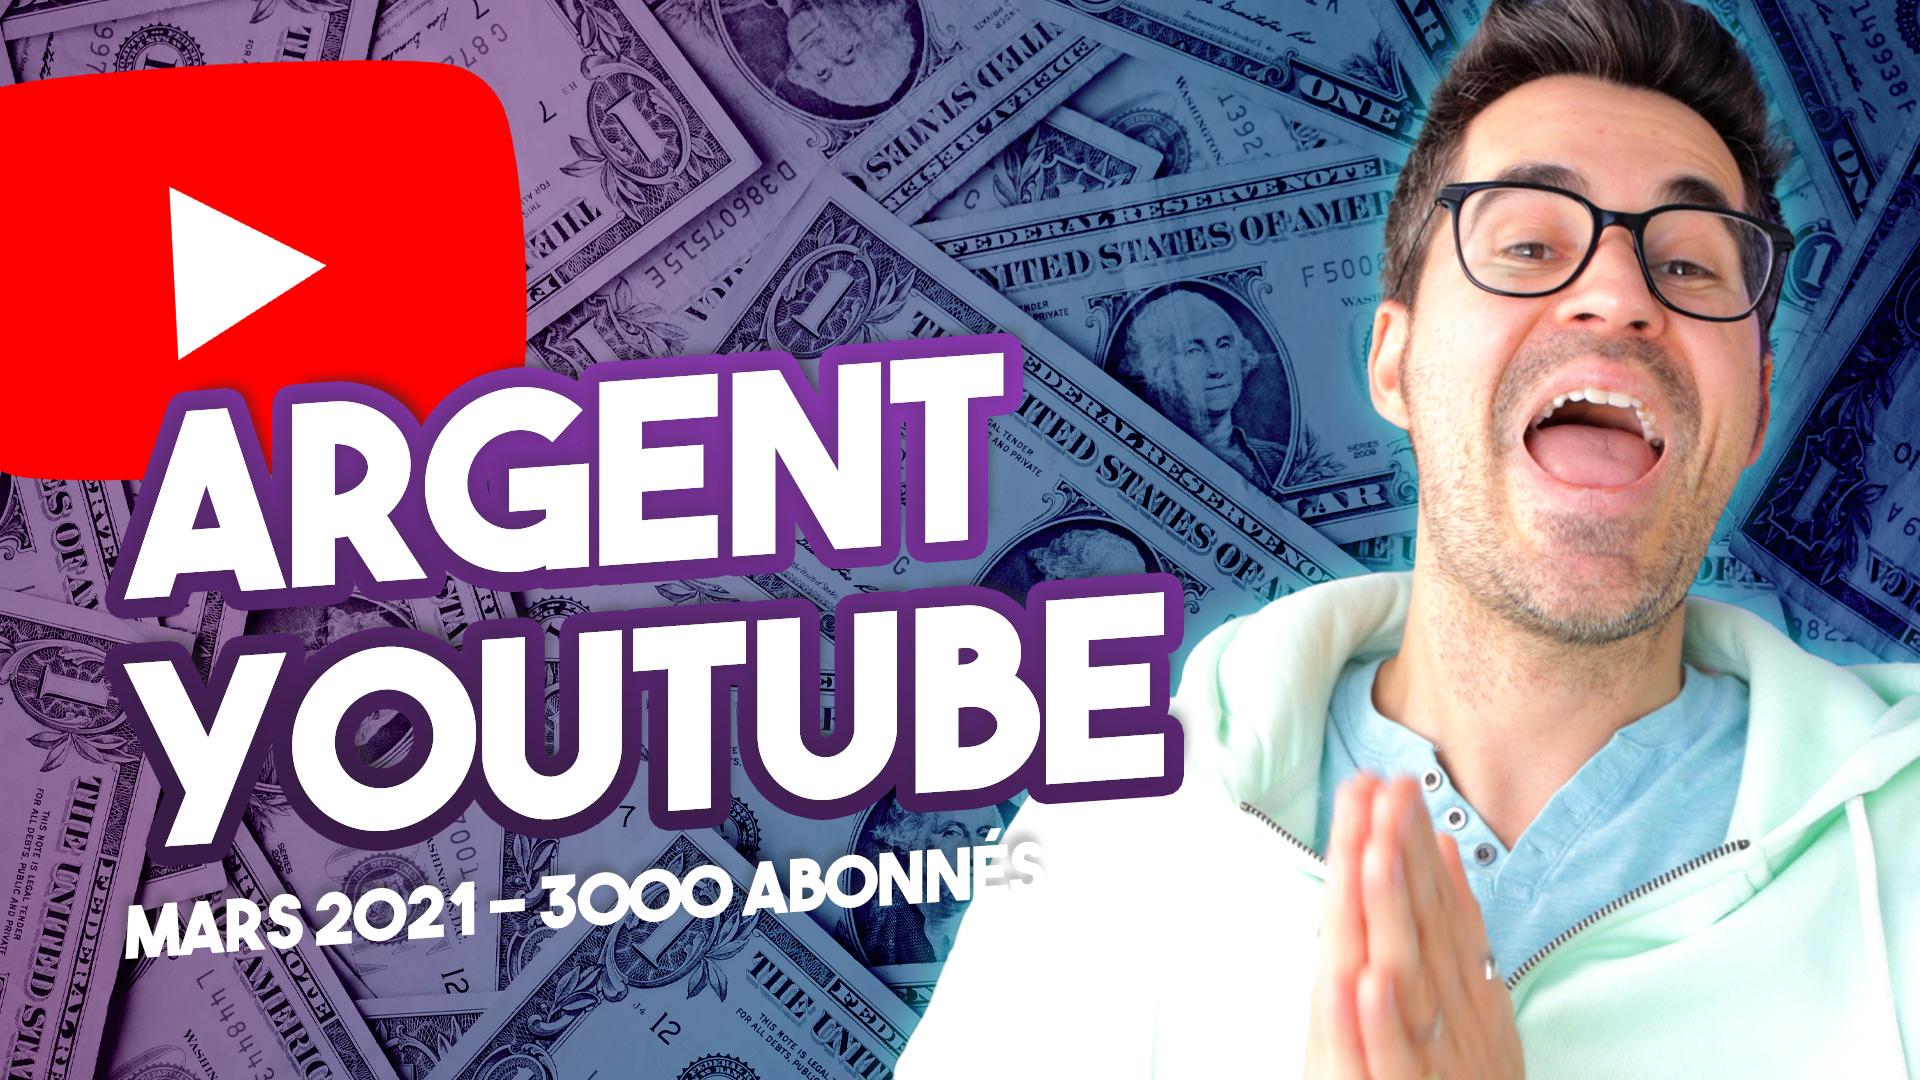 Combien YOUTUBE PAYE en mars 2021 (Argent YouTube avec 3000 abonnés)